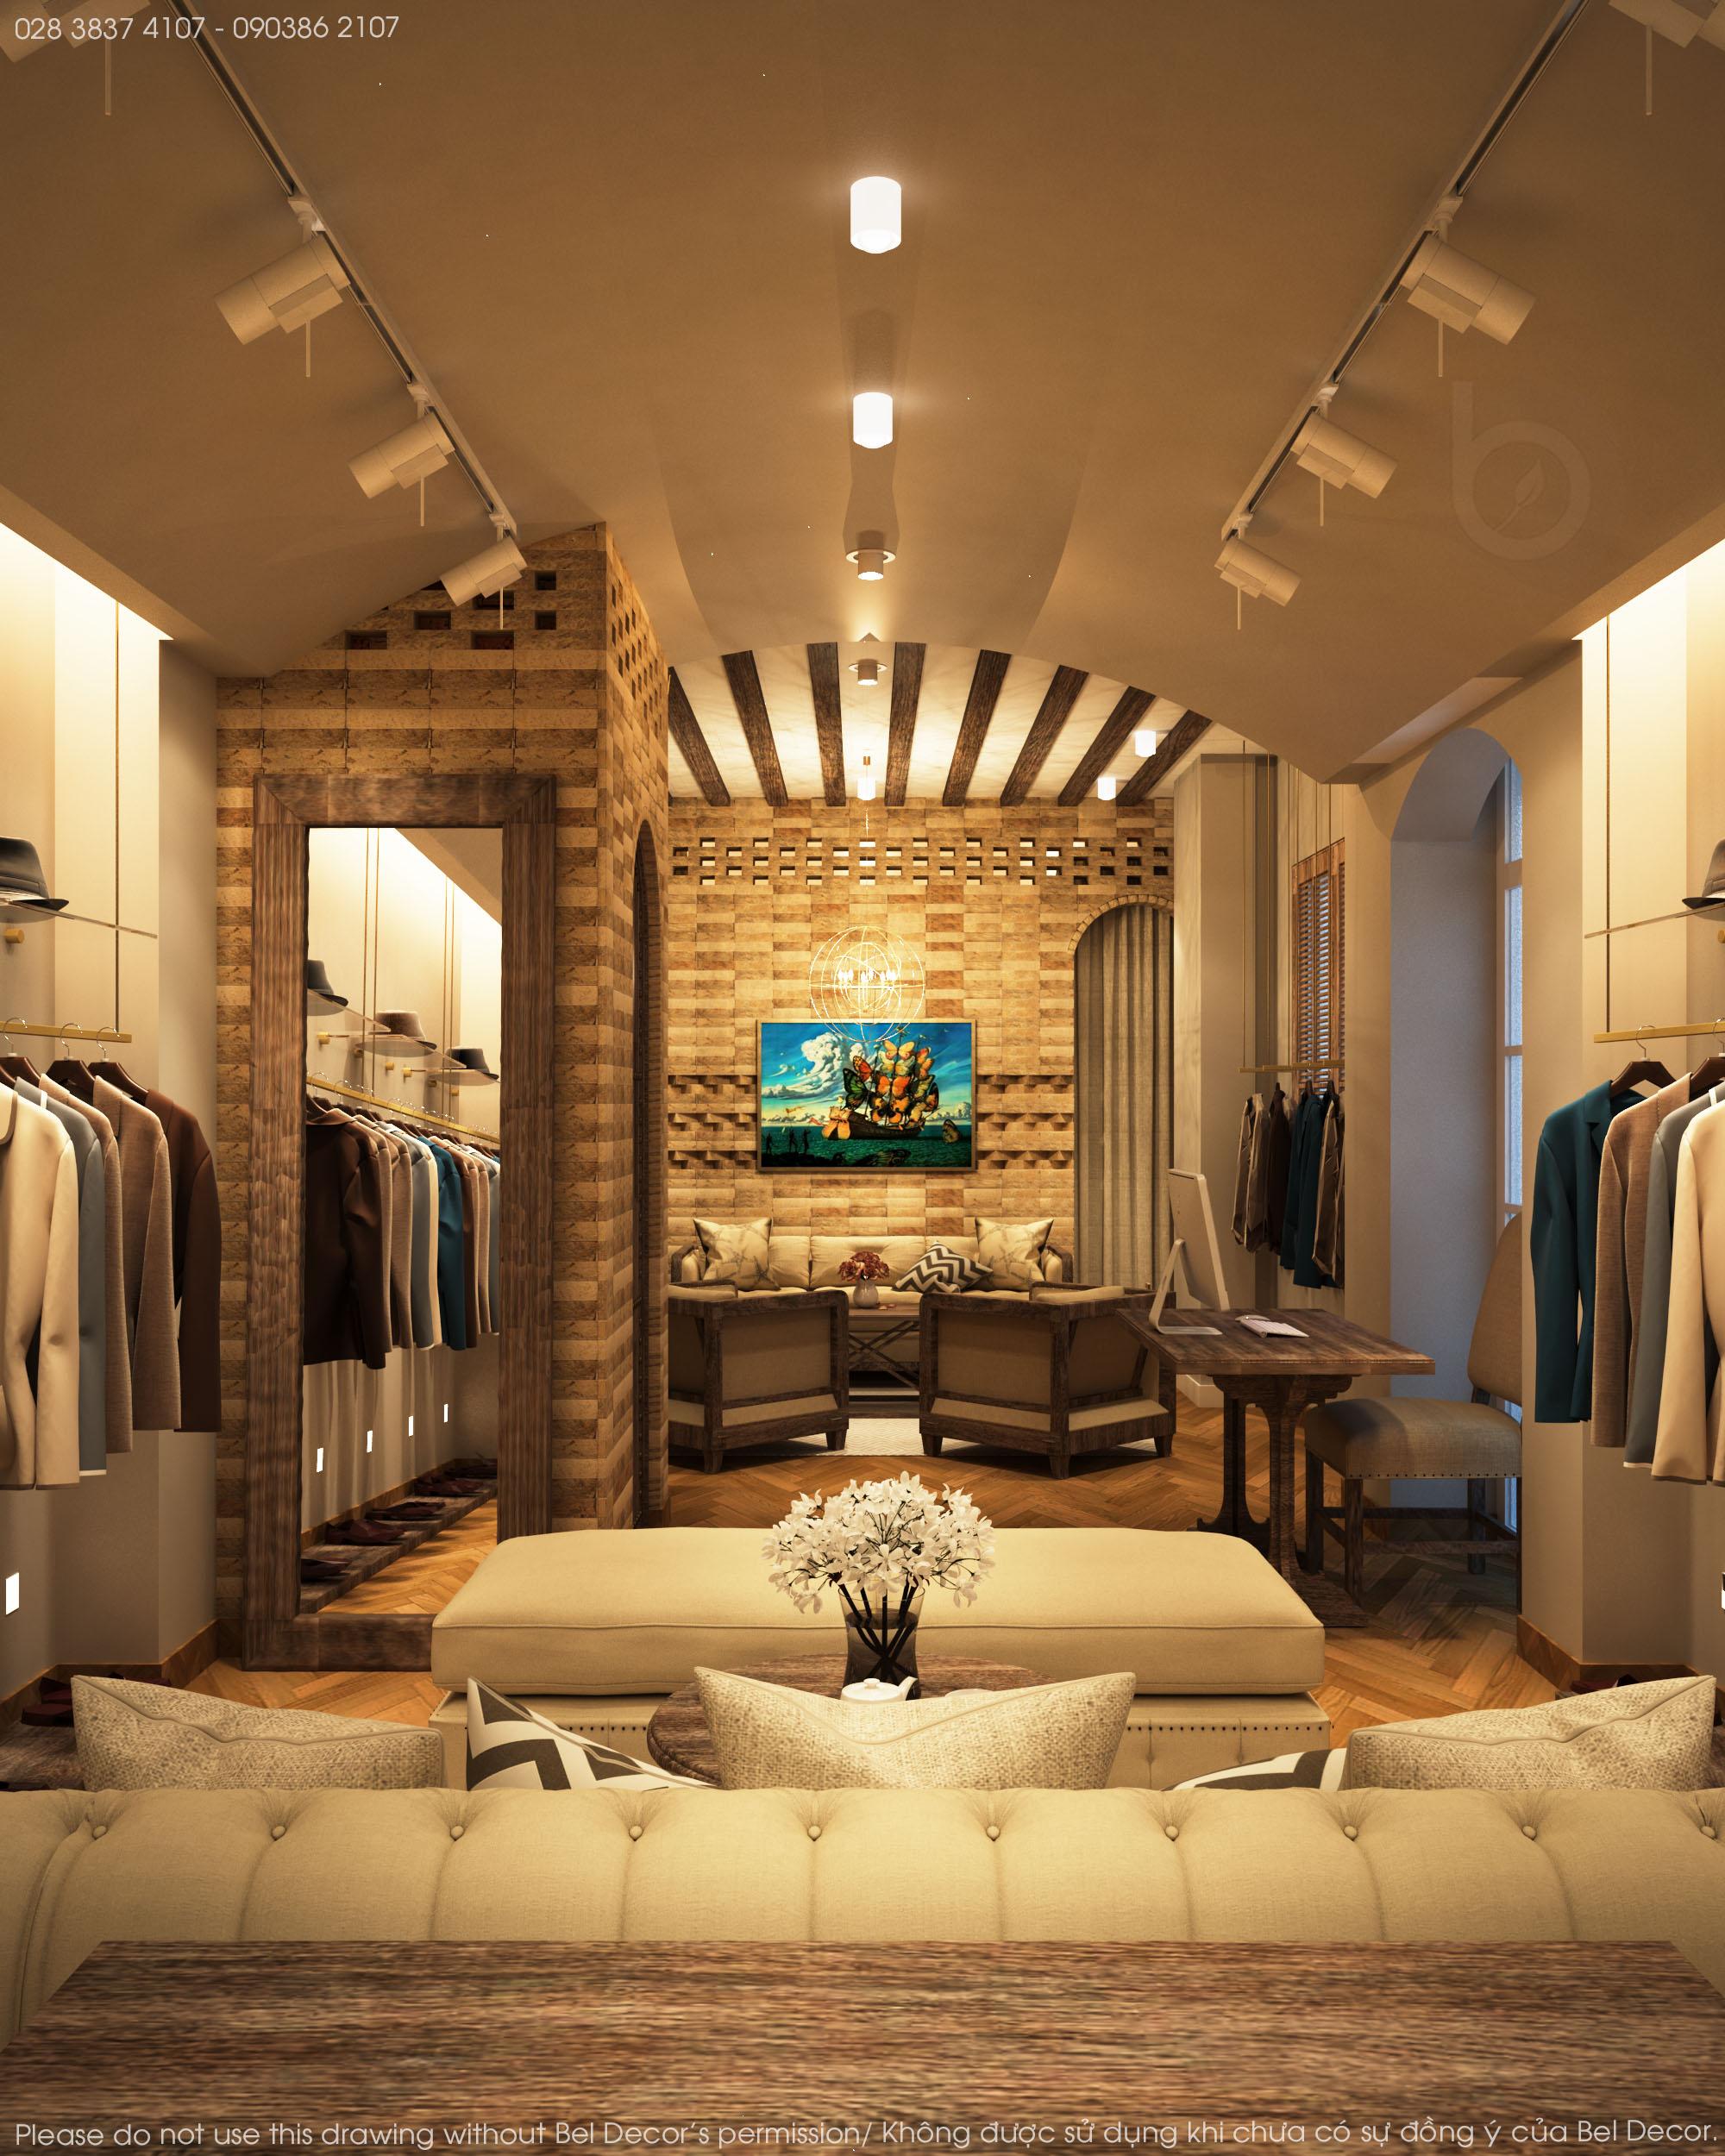 thiết kế nội thất Shop tại Hồ Chí Minh Thiết kế nội - ngoại thất Fashion Shop Antonio 1 1537428713